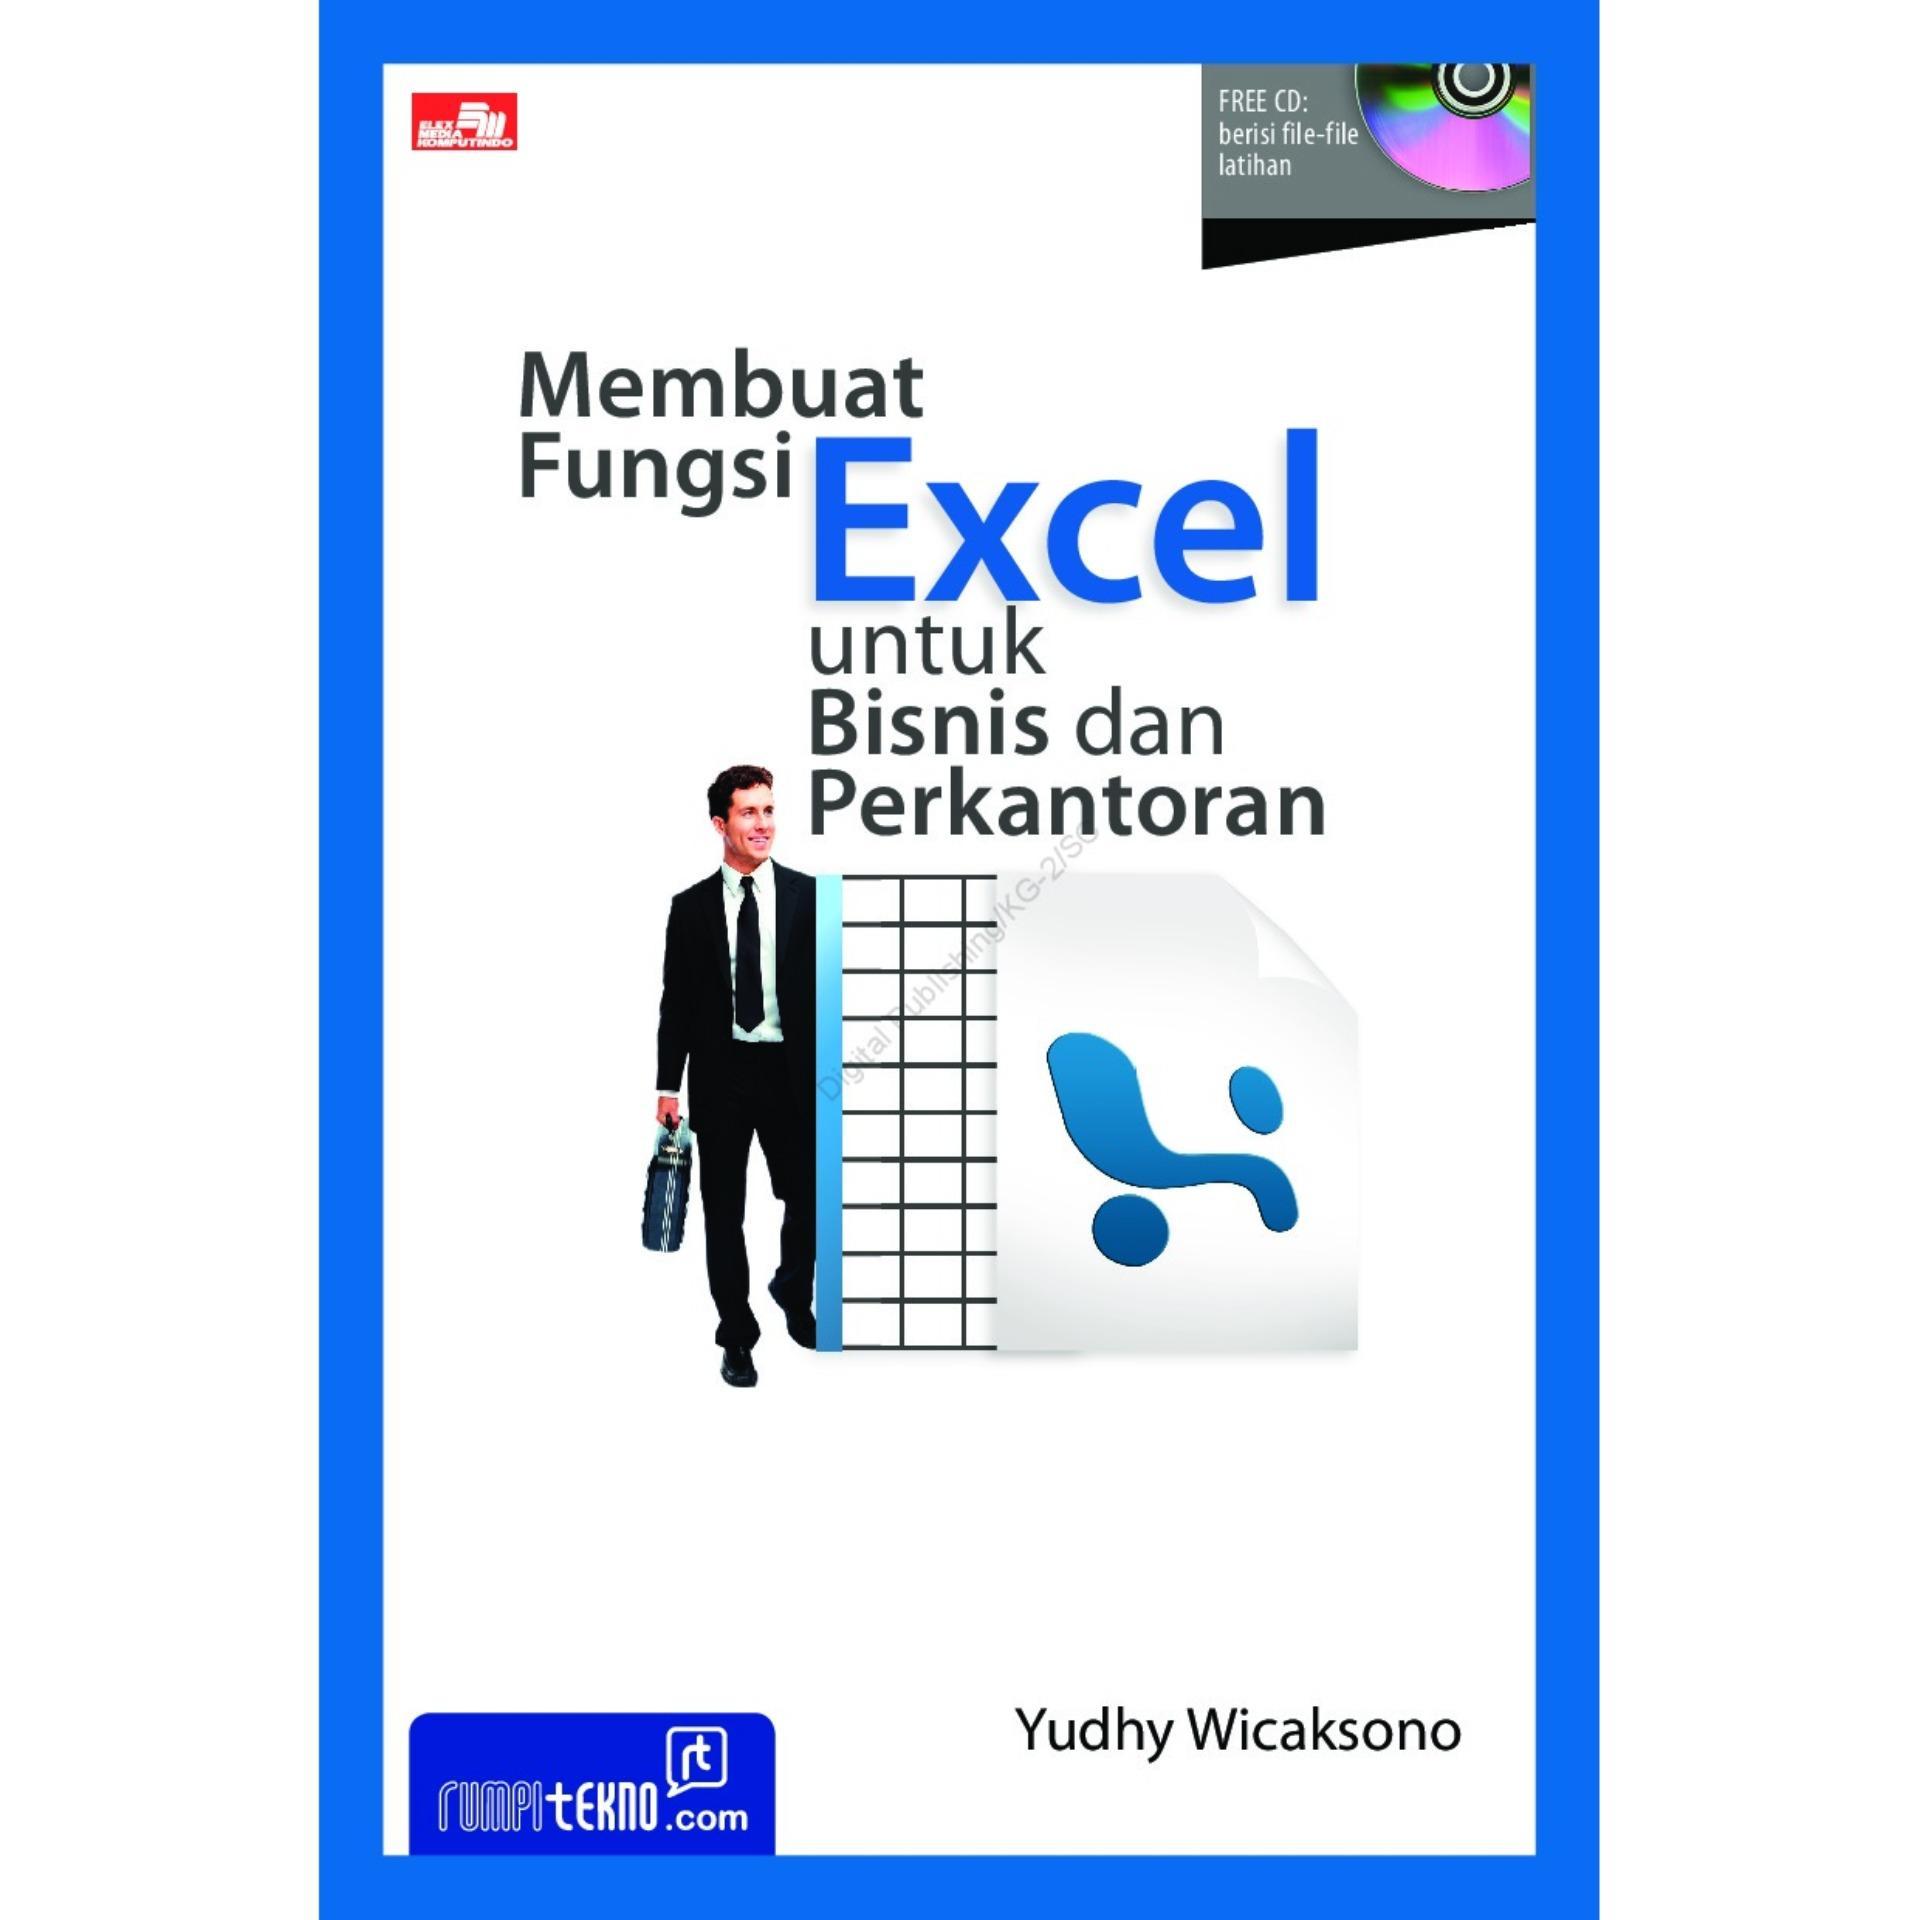 Membuat Fungsi Excel Untuk Bisnis Dan Perkantoran By Serba Serbi.